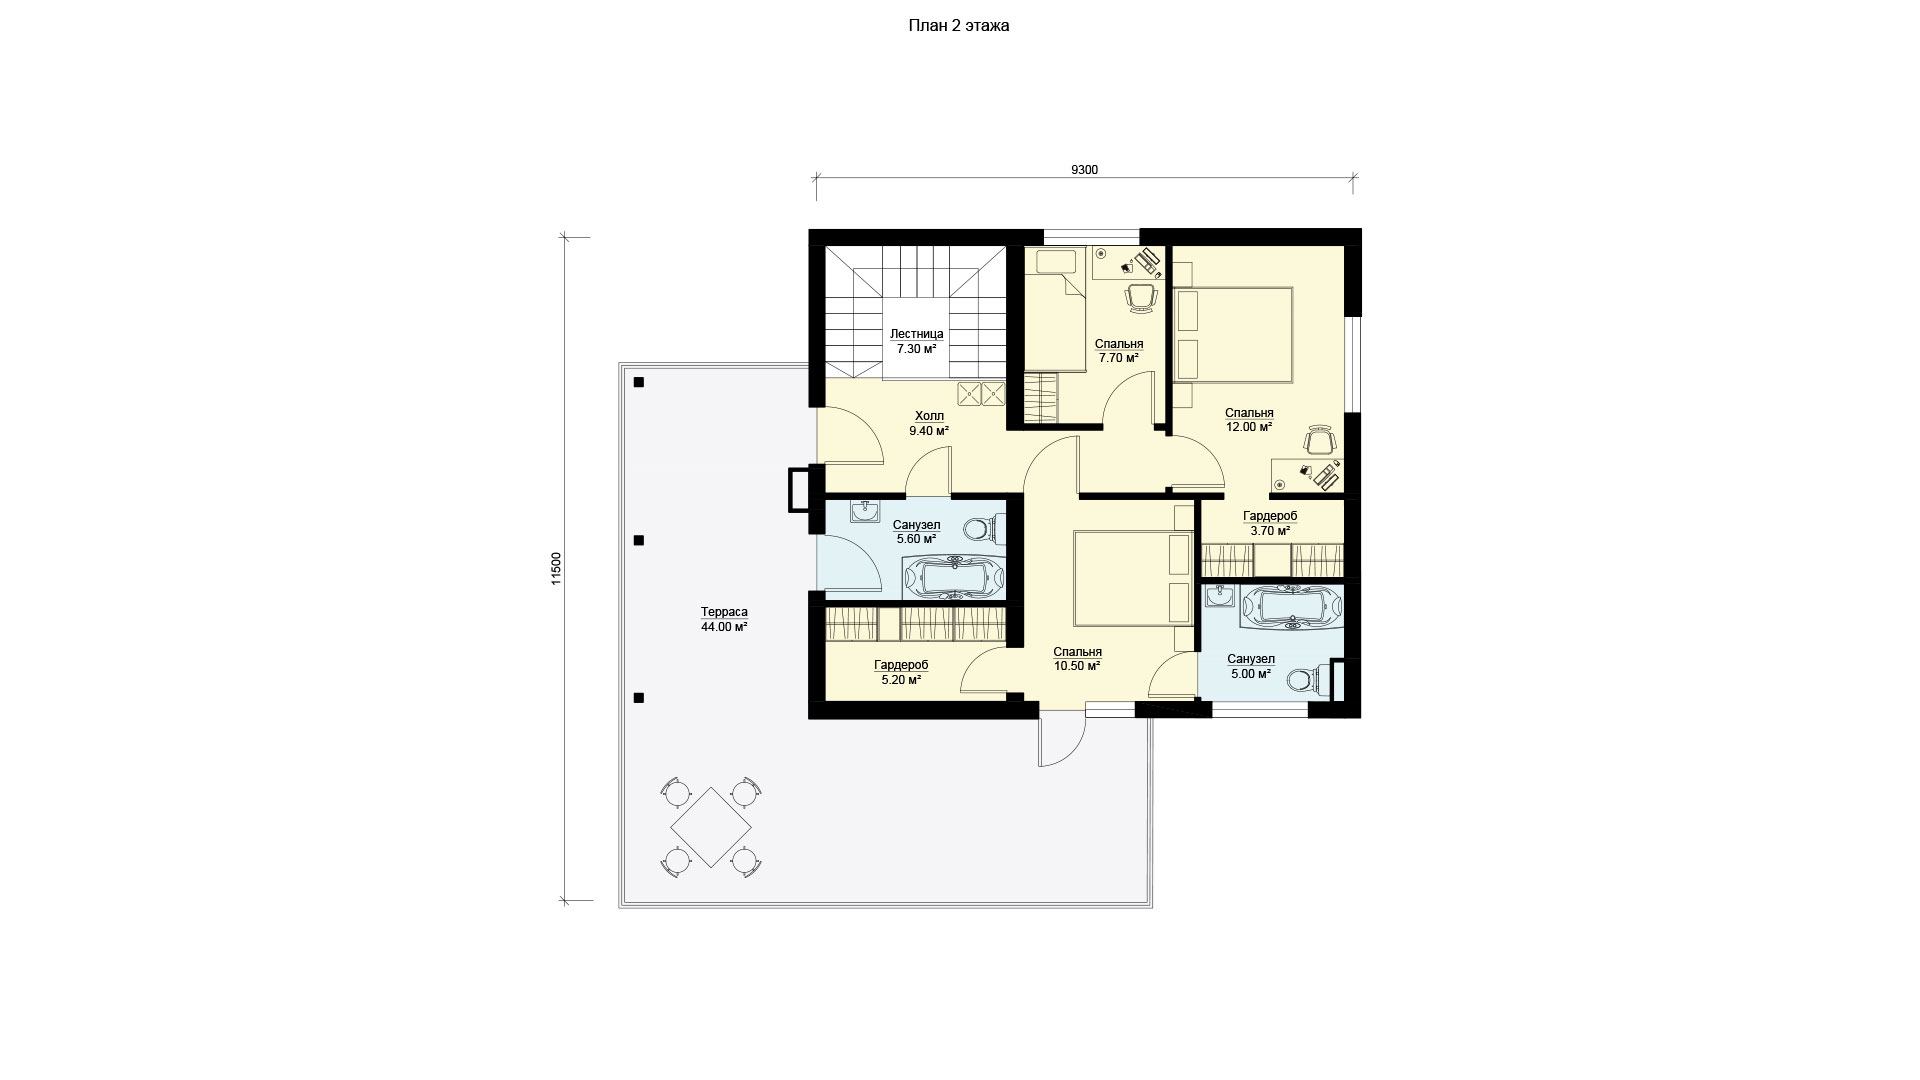 План второго этажа двухэтажного дома с эксплуатируемой крышей и гаражом, проект БЭНПАН БП-222.